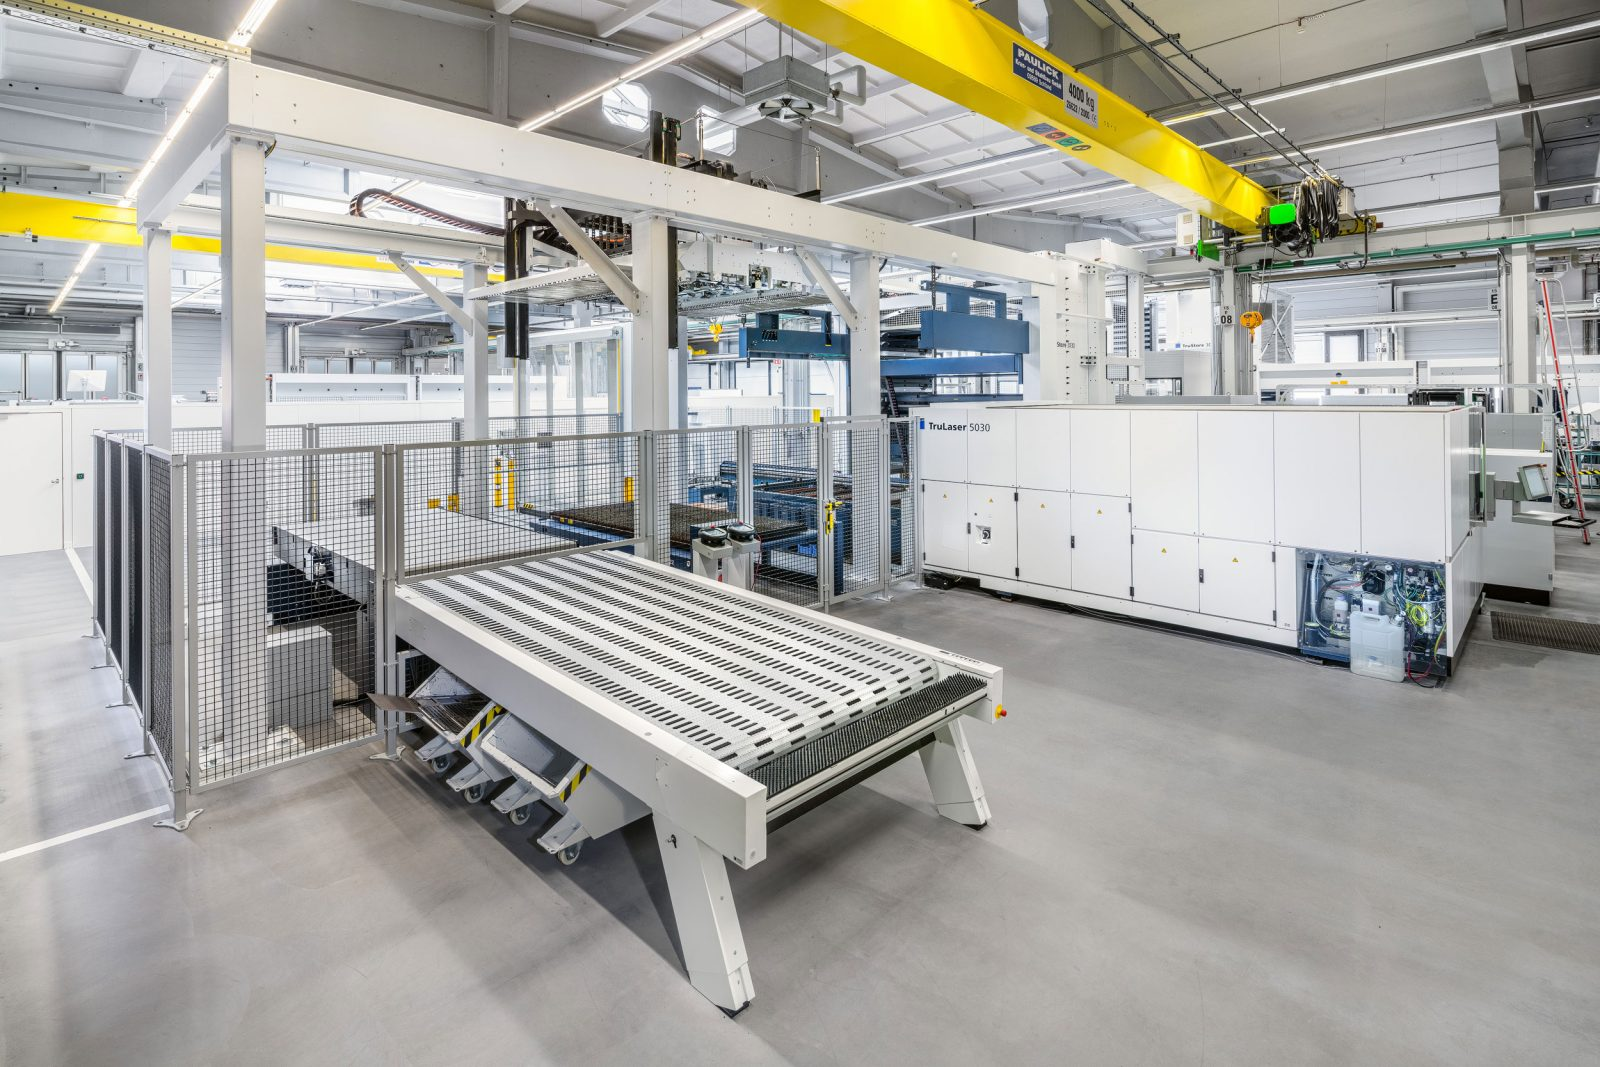 Laserschneidemaschine / Trumpf Sachsen GmbH